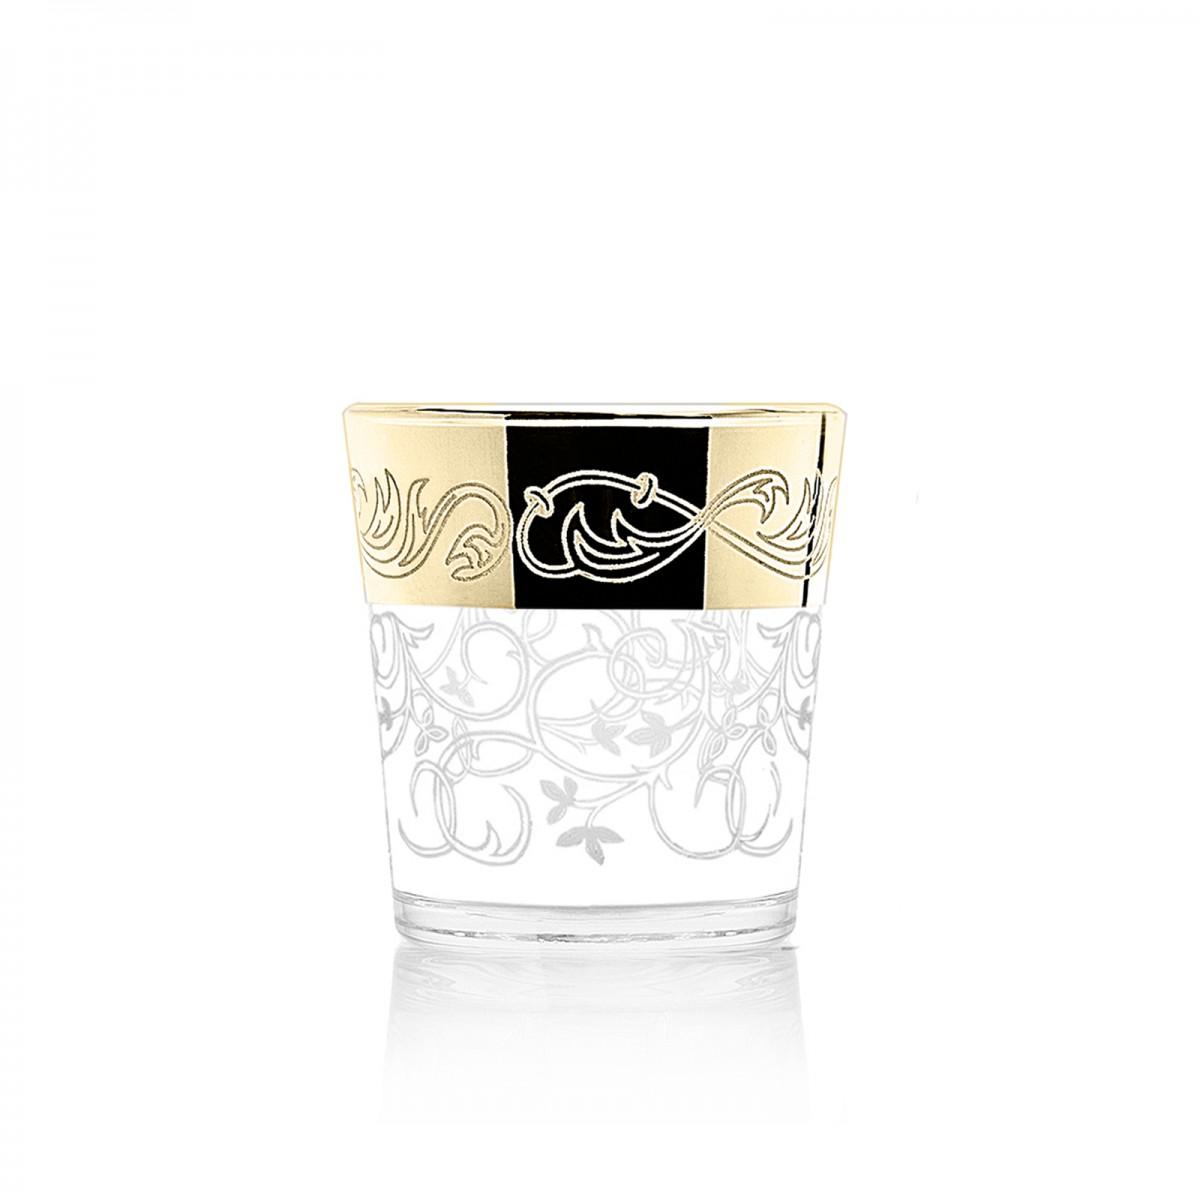 GN2_40_1 Набор из 6 стаканов «Вдохновение», 250 мл